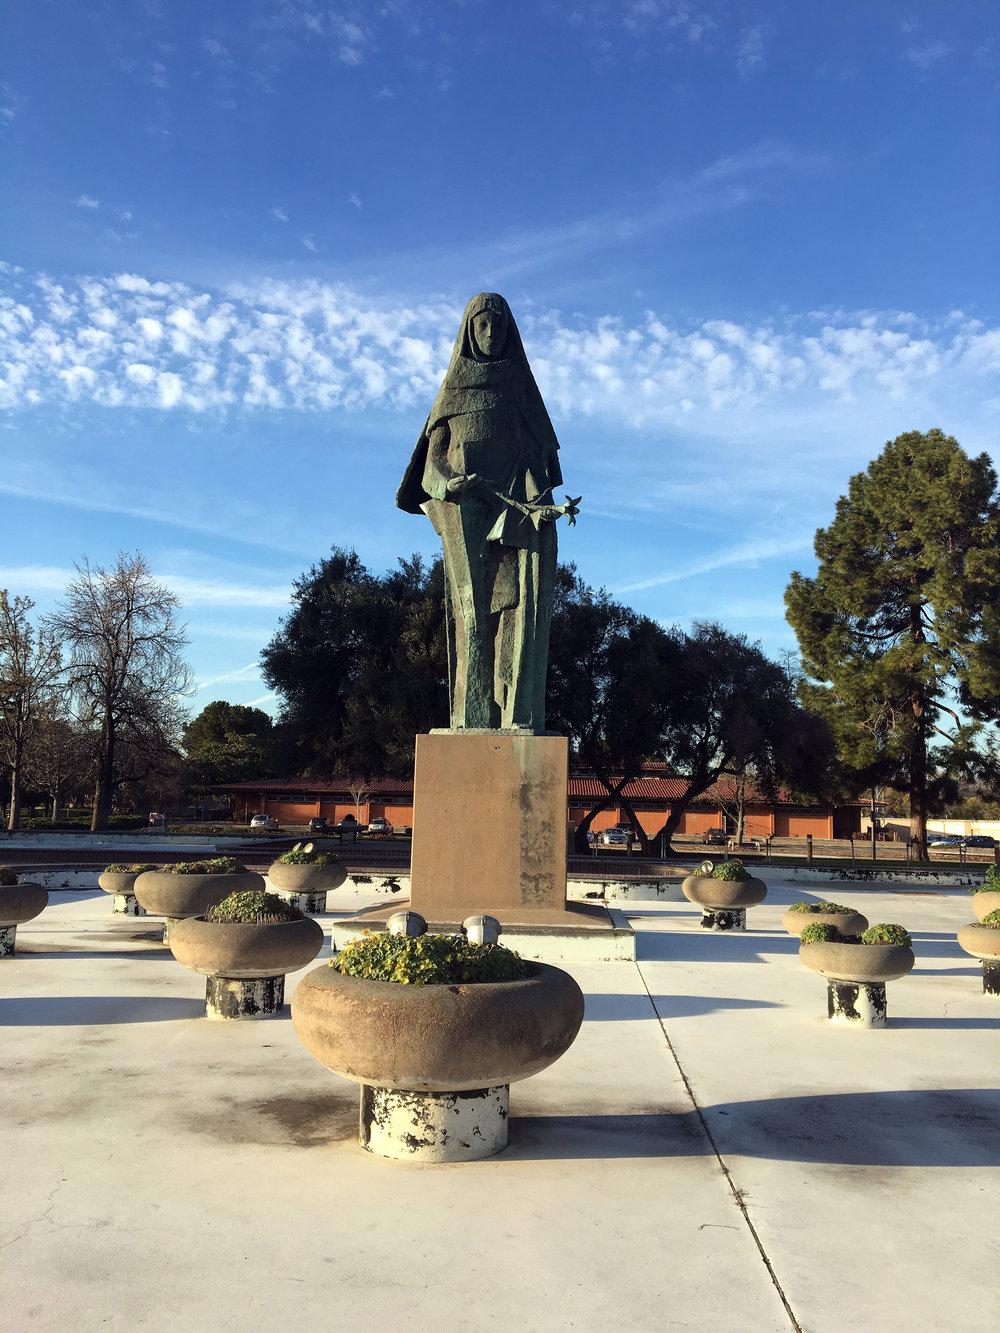 Oakland-California-Statues-Landmarks-Travel-Traveller-LINDATENCHITRAN-Blogger-23-1616x1080.jpg